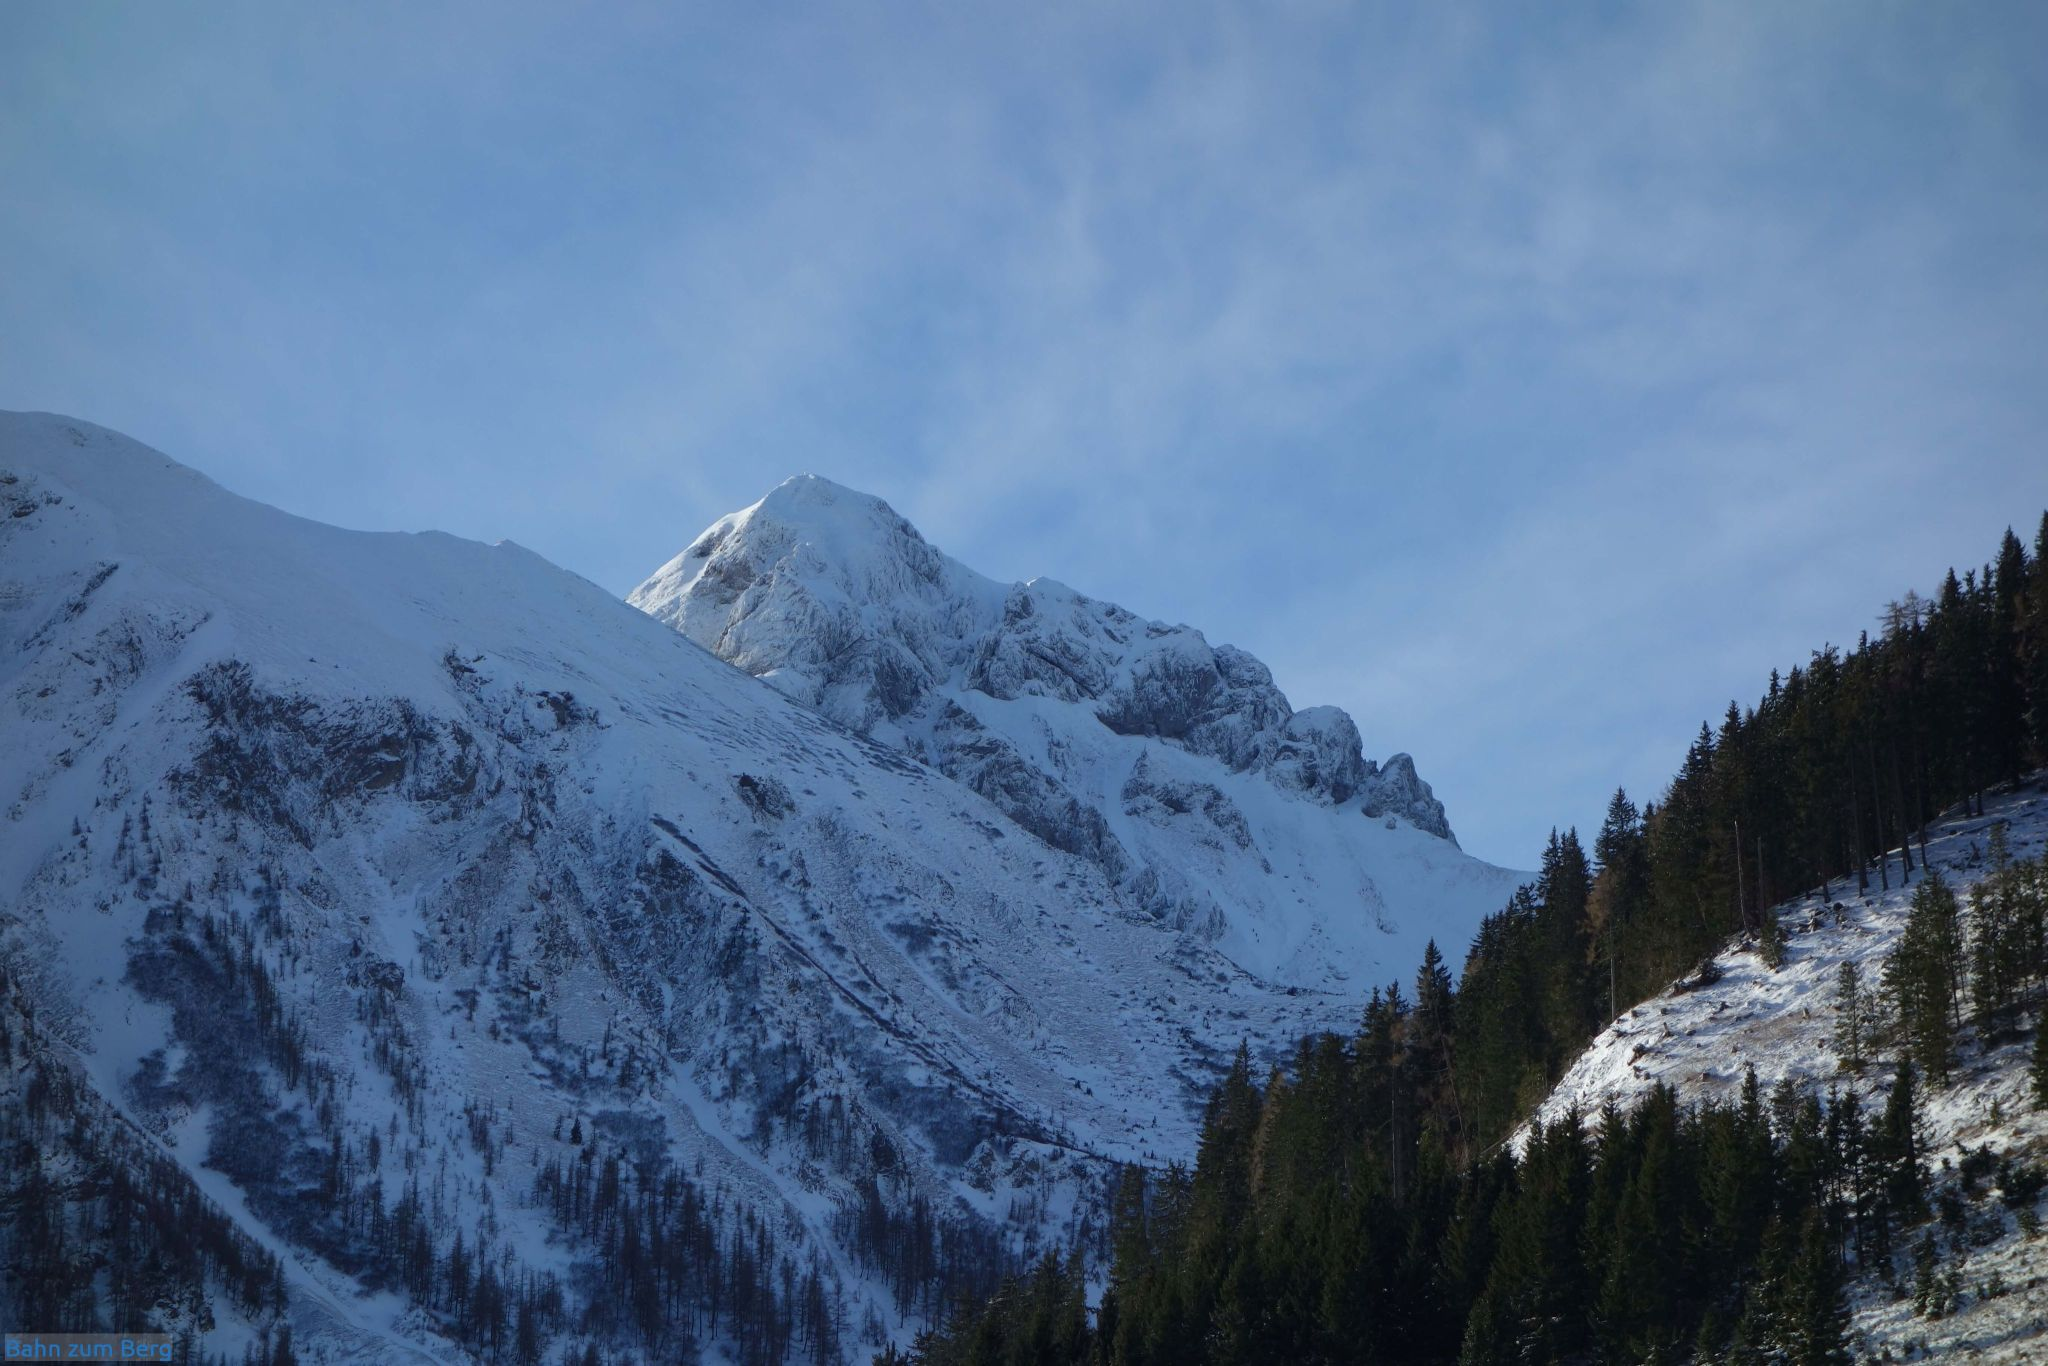 Schöner Blick auf den Eisenberger Reichenstein. Man kann 4 Schitourengeher am Weg Richtung NO-Rinne, direkt über den Ausläufern des Grüblzinken sehen.